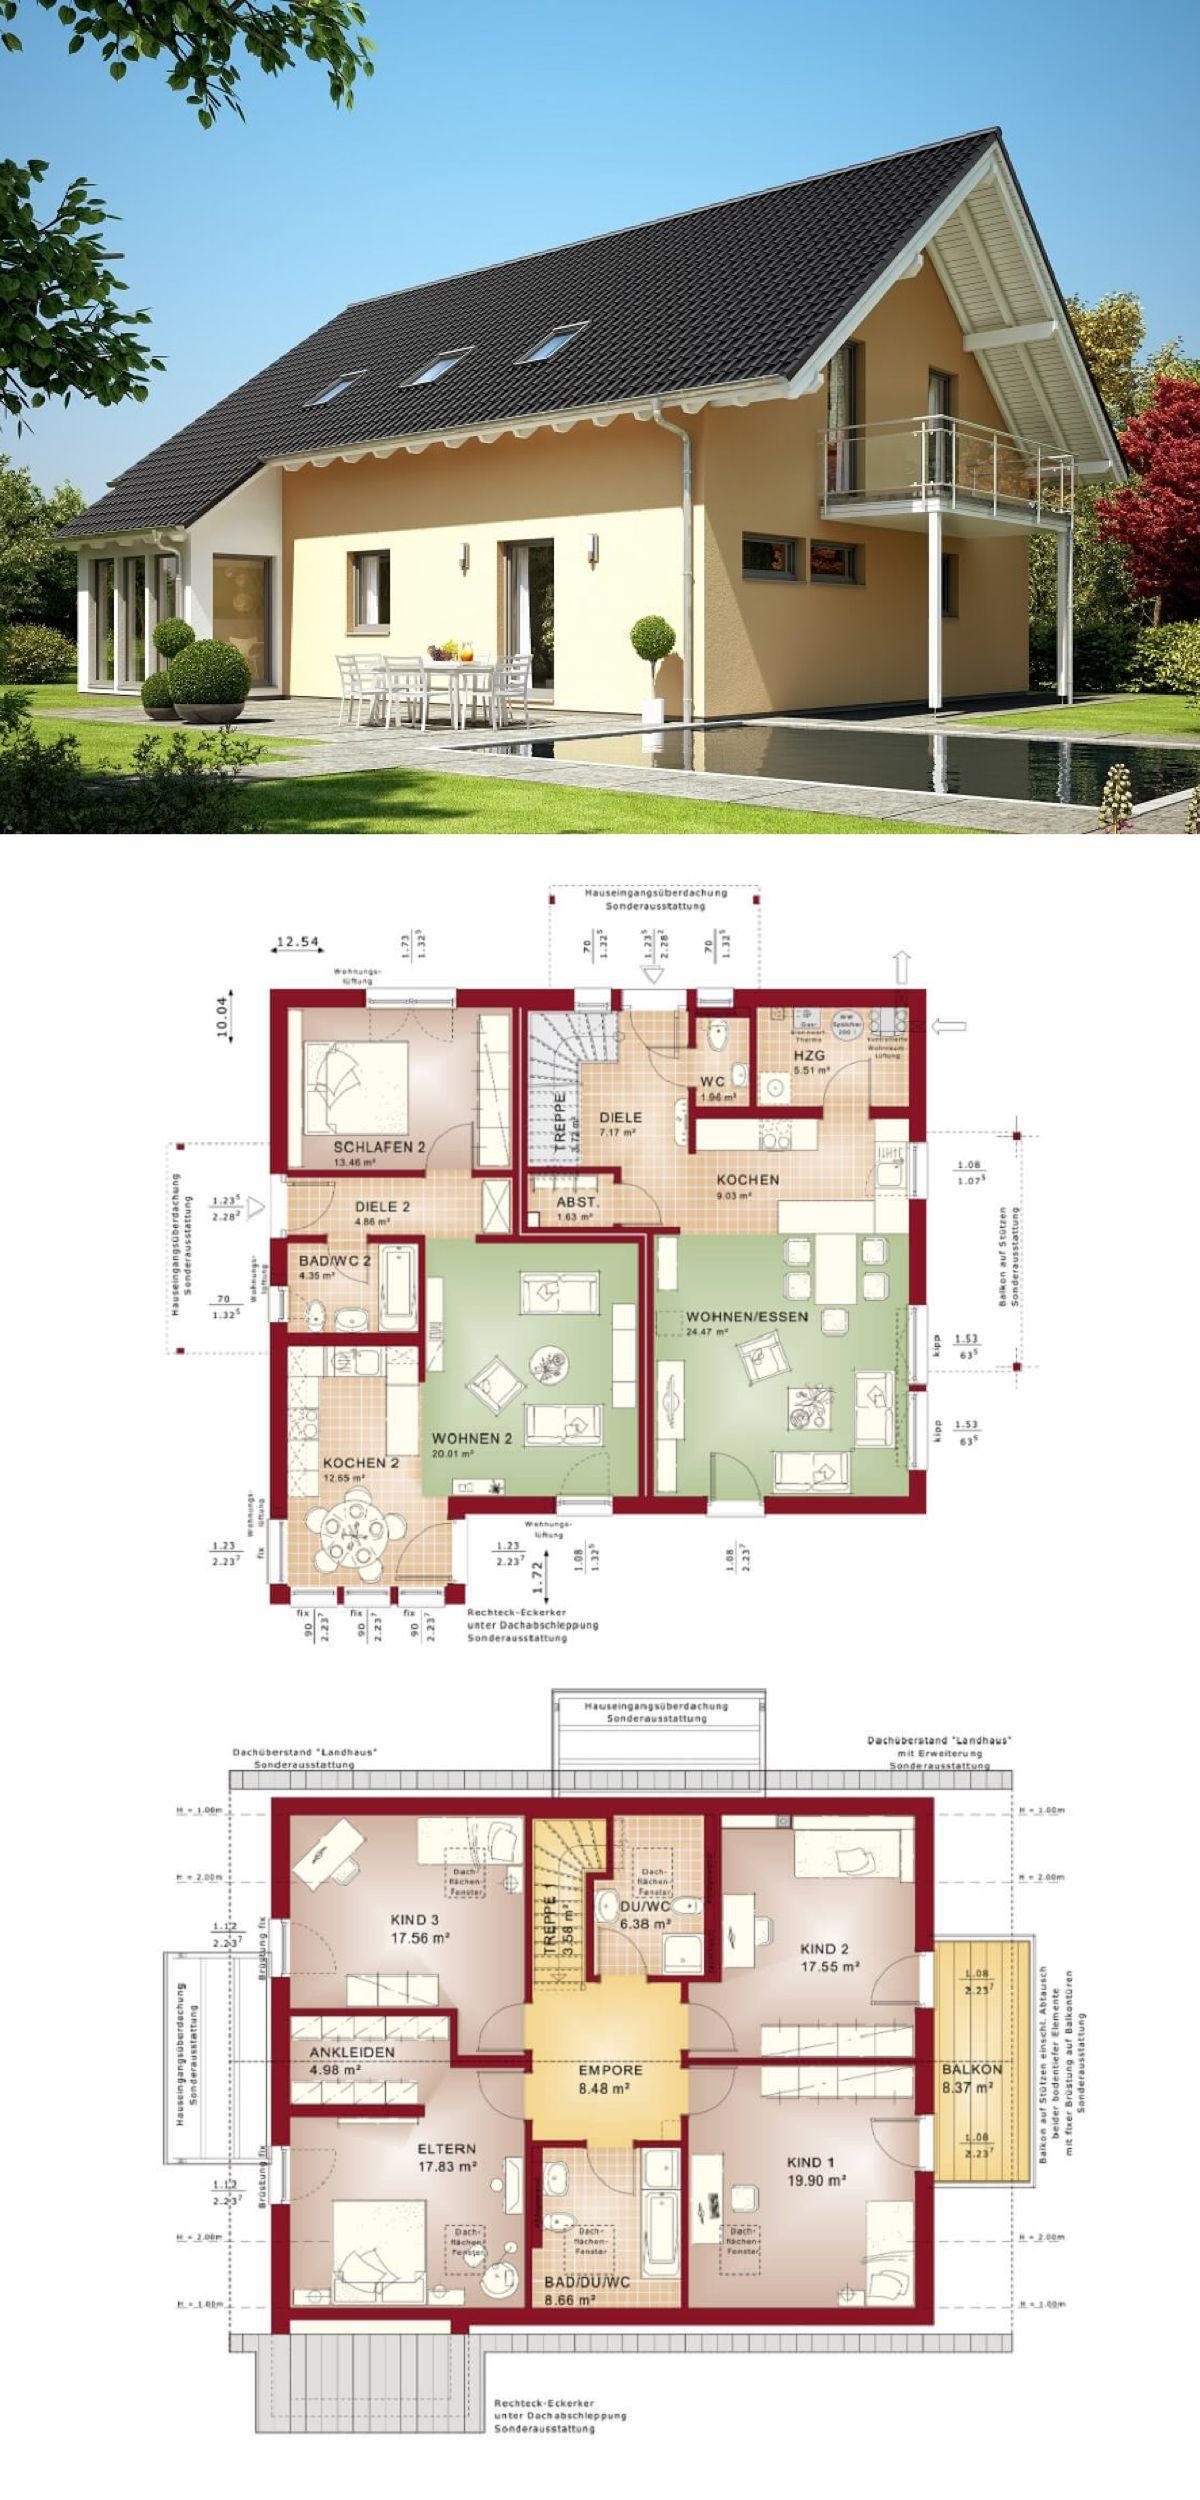 Zweifamilienhaus mit Einliegerwohnung - Haus Evolution 207 V2 von ...